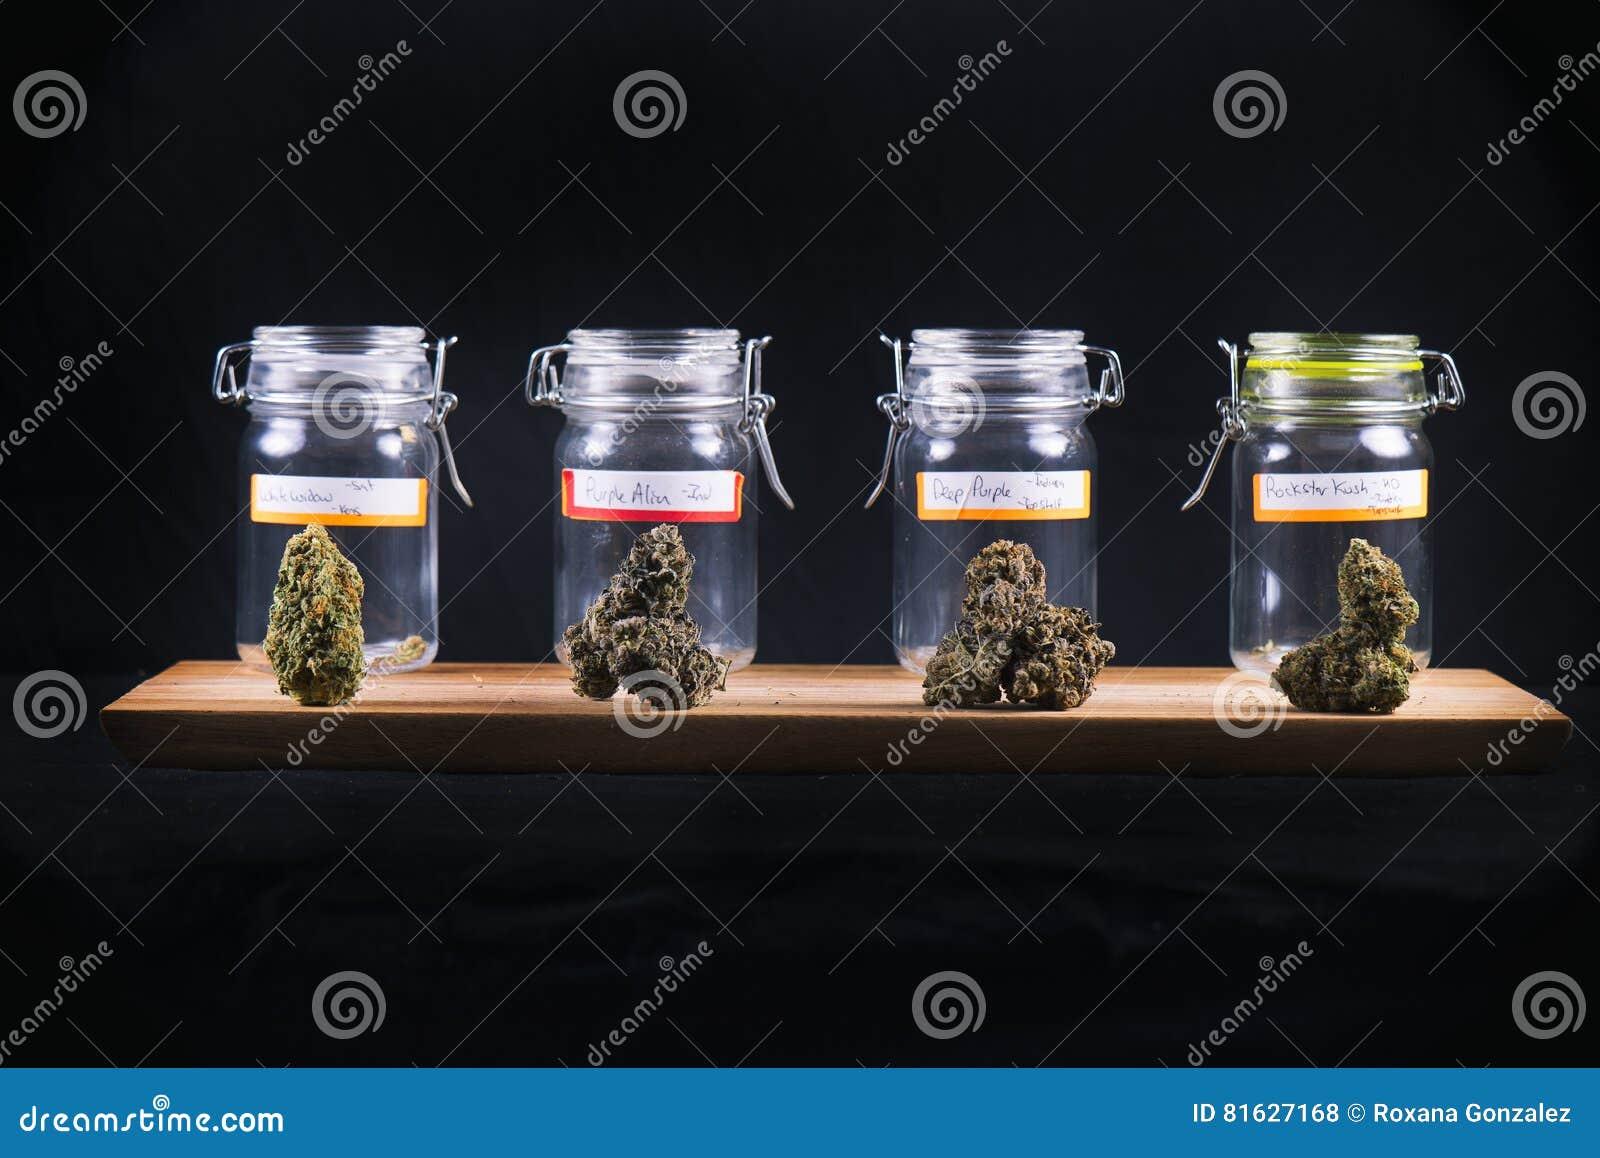 Los cáñamos clasificados florecen las tensiones y los tarros de cristal - marijuana médica